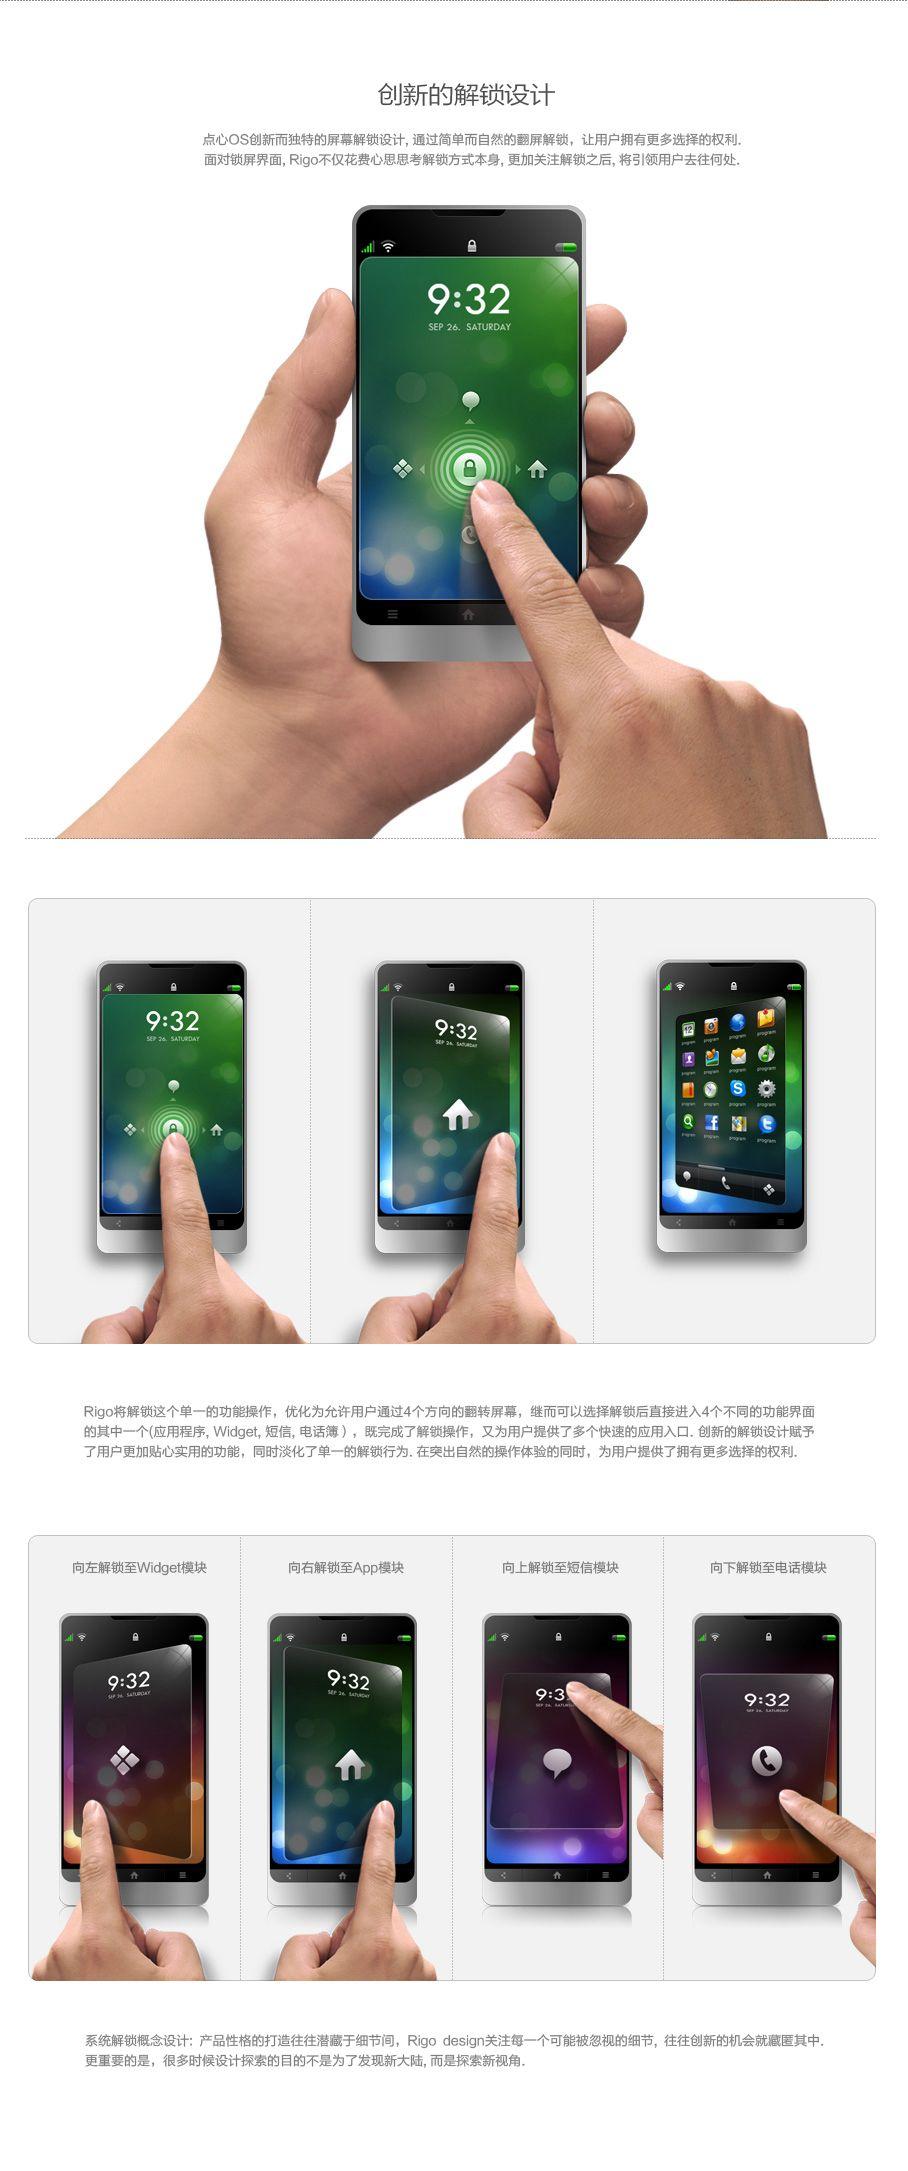 Tapas Phone OS design - RIGO DESIGN